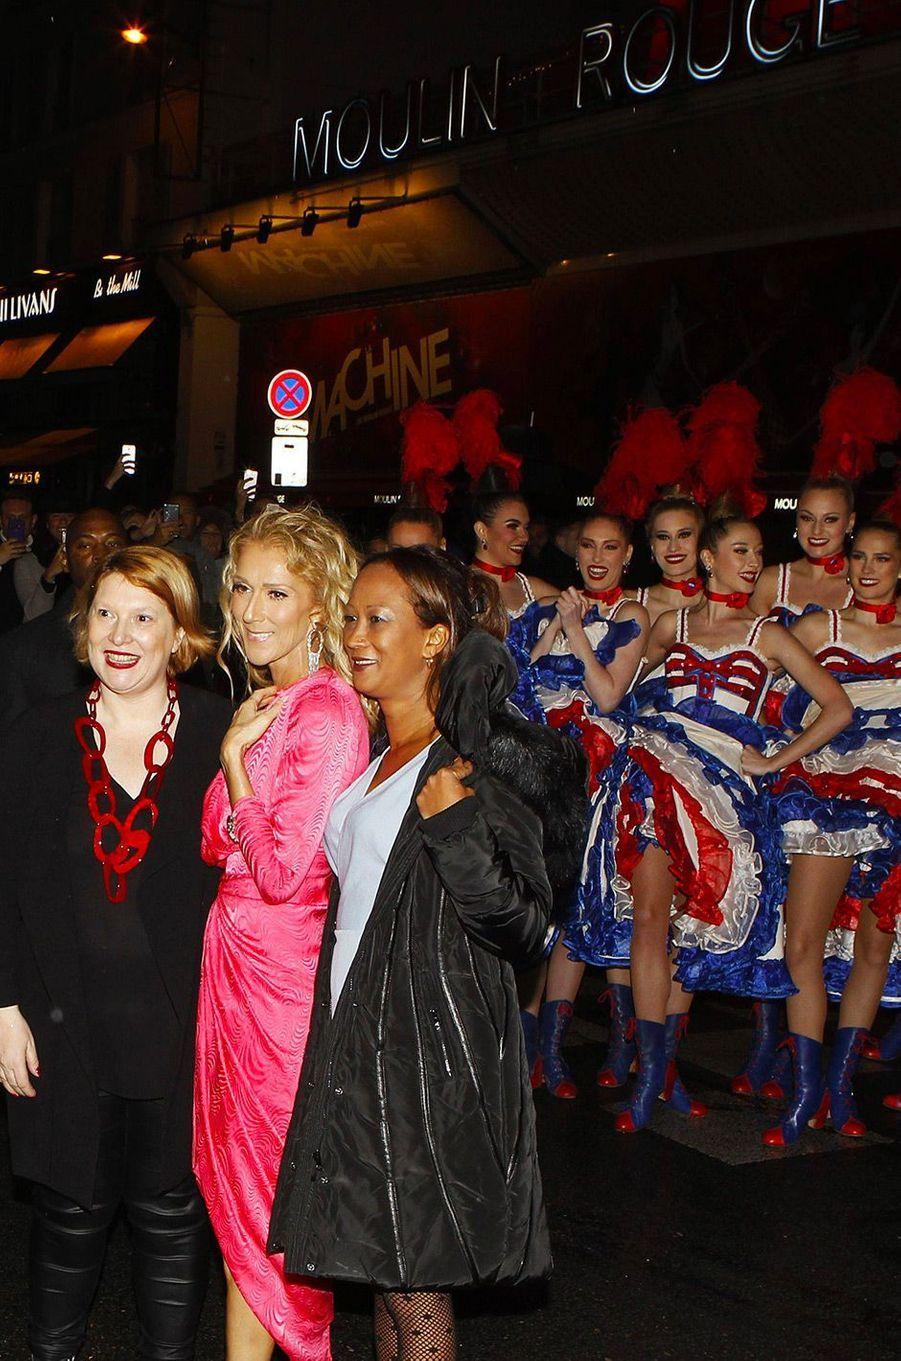 Céline Dion au Moulin Rouge, jeudi 24 janvier